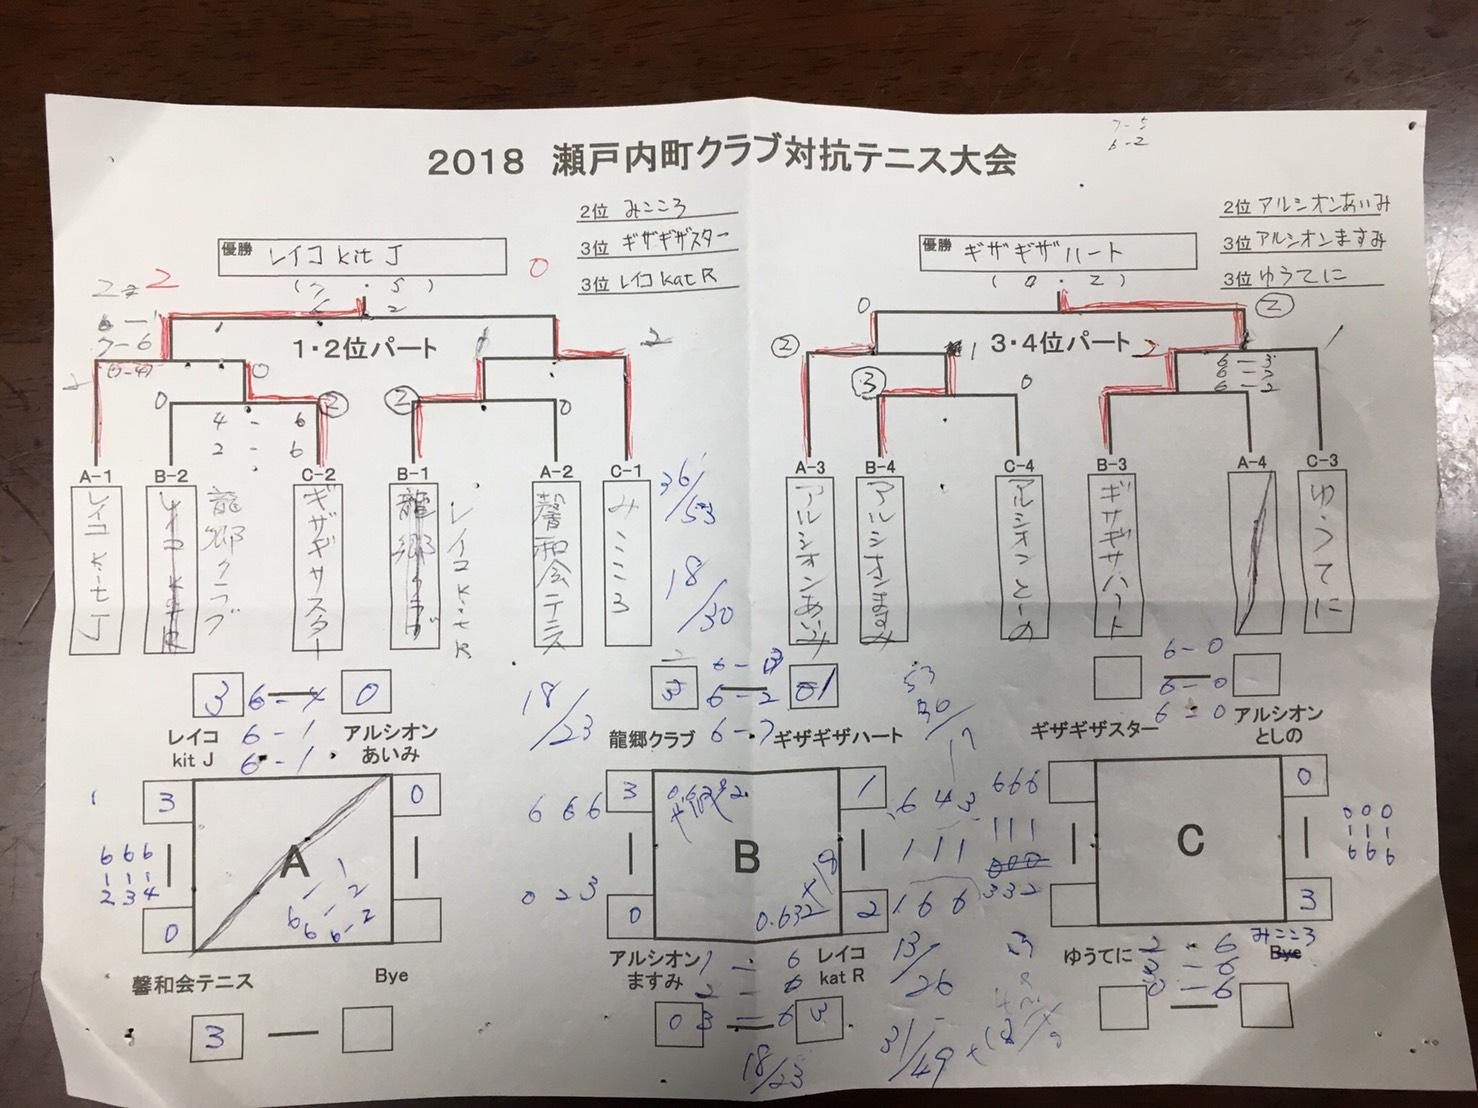 2334B58E-674F-472F-8EE8-2E128DE414B1